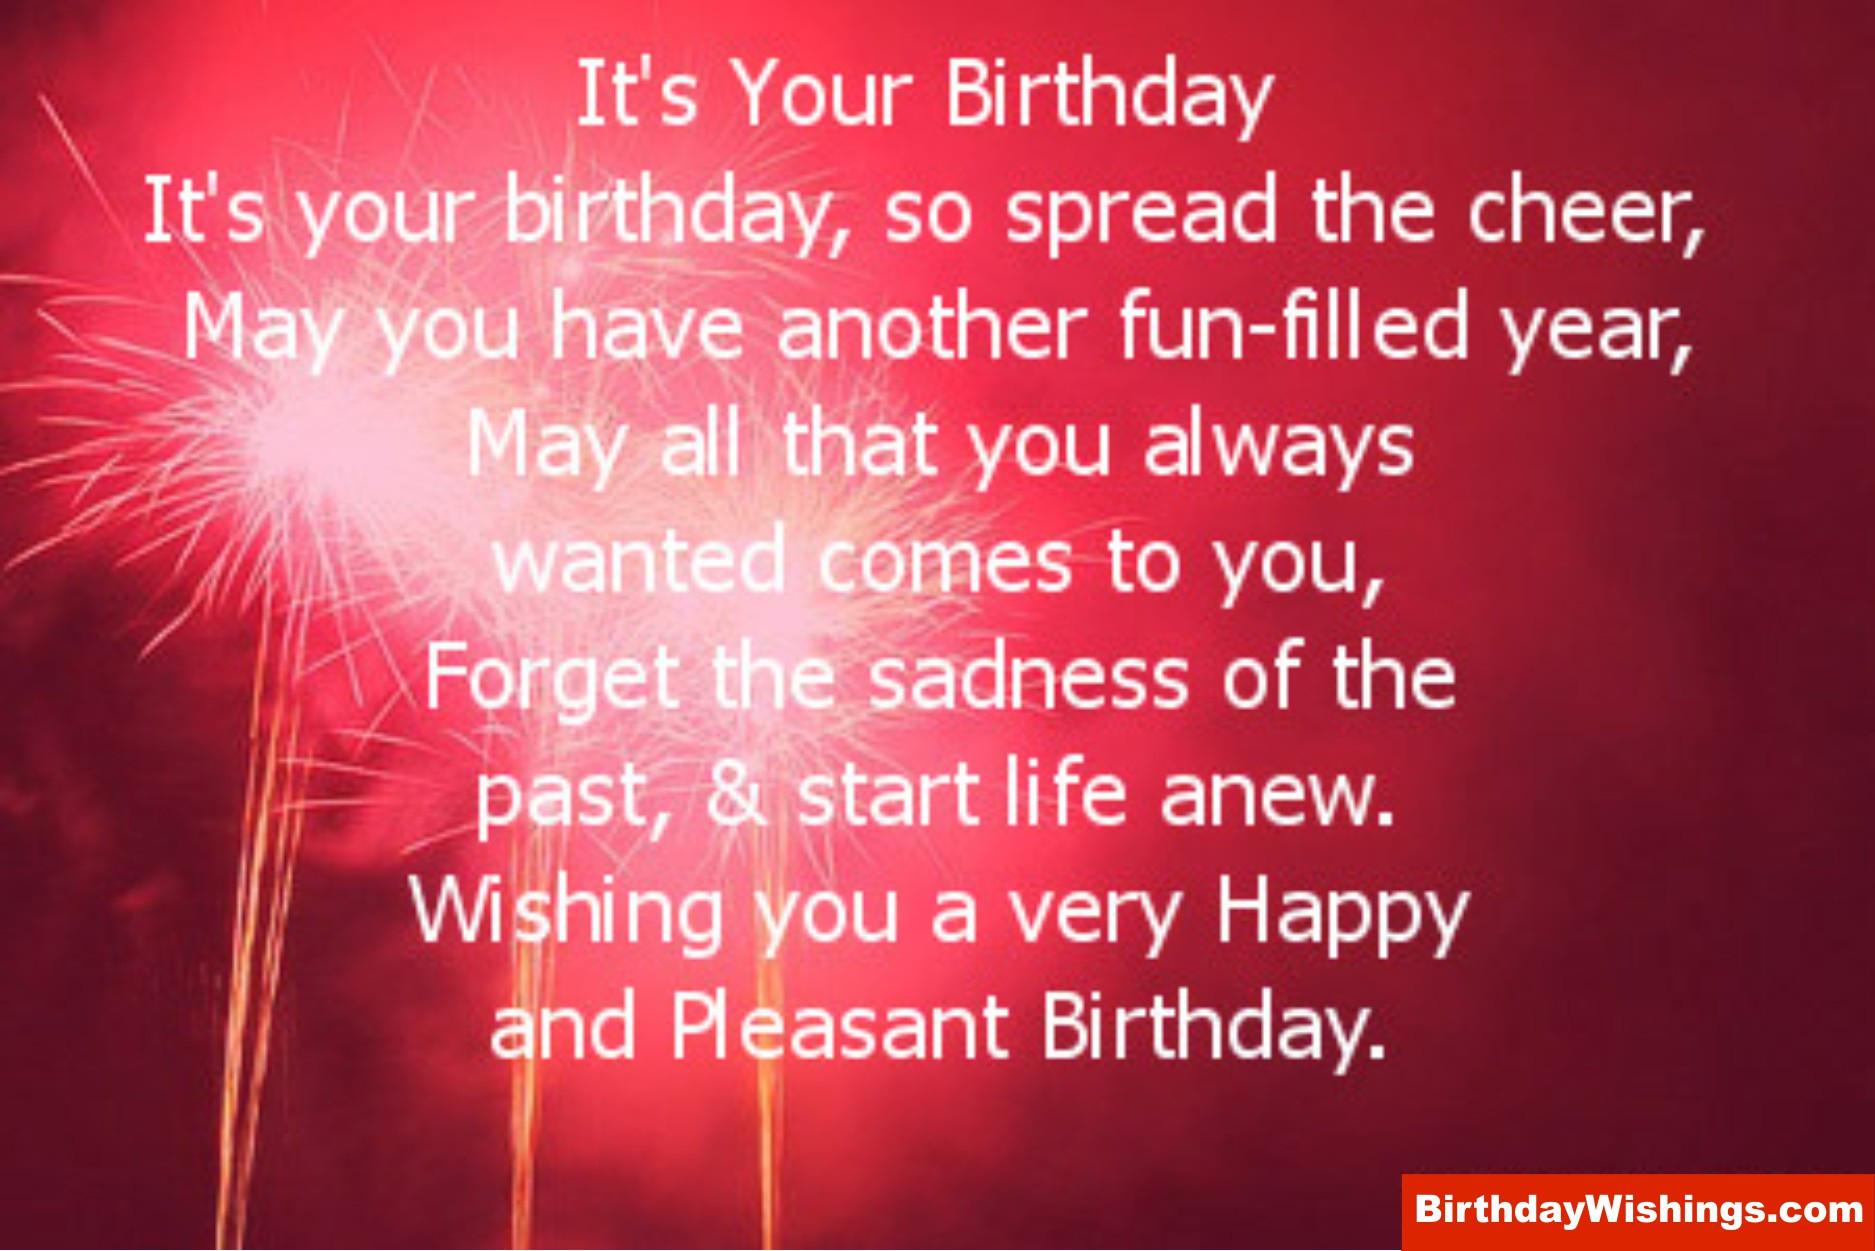 Birthday Wishes Poems  Best Happy Birthday Poem BirthdayWishings